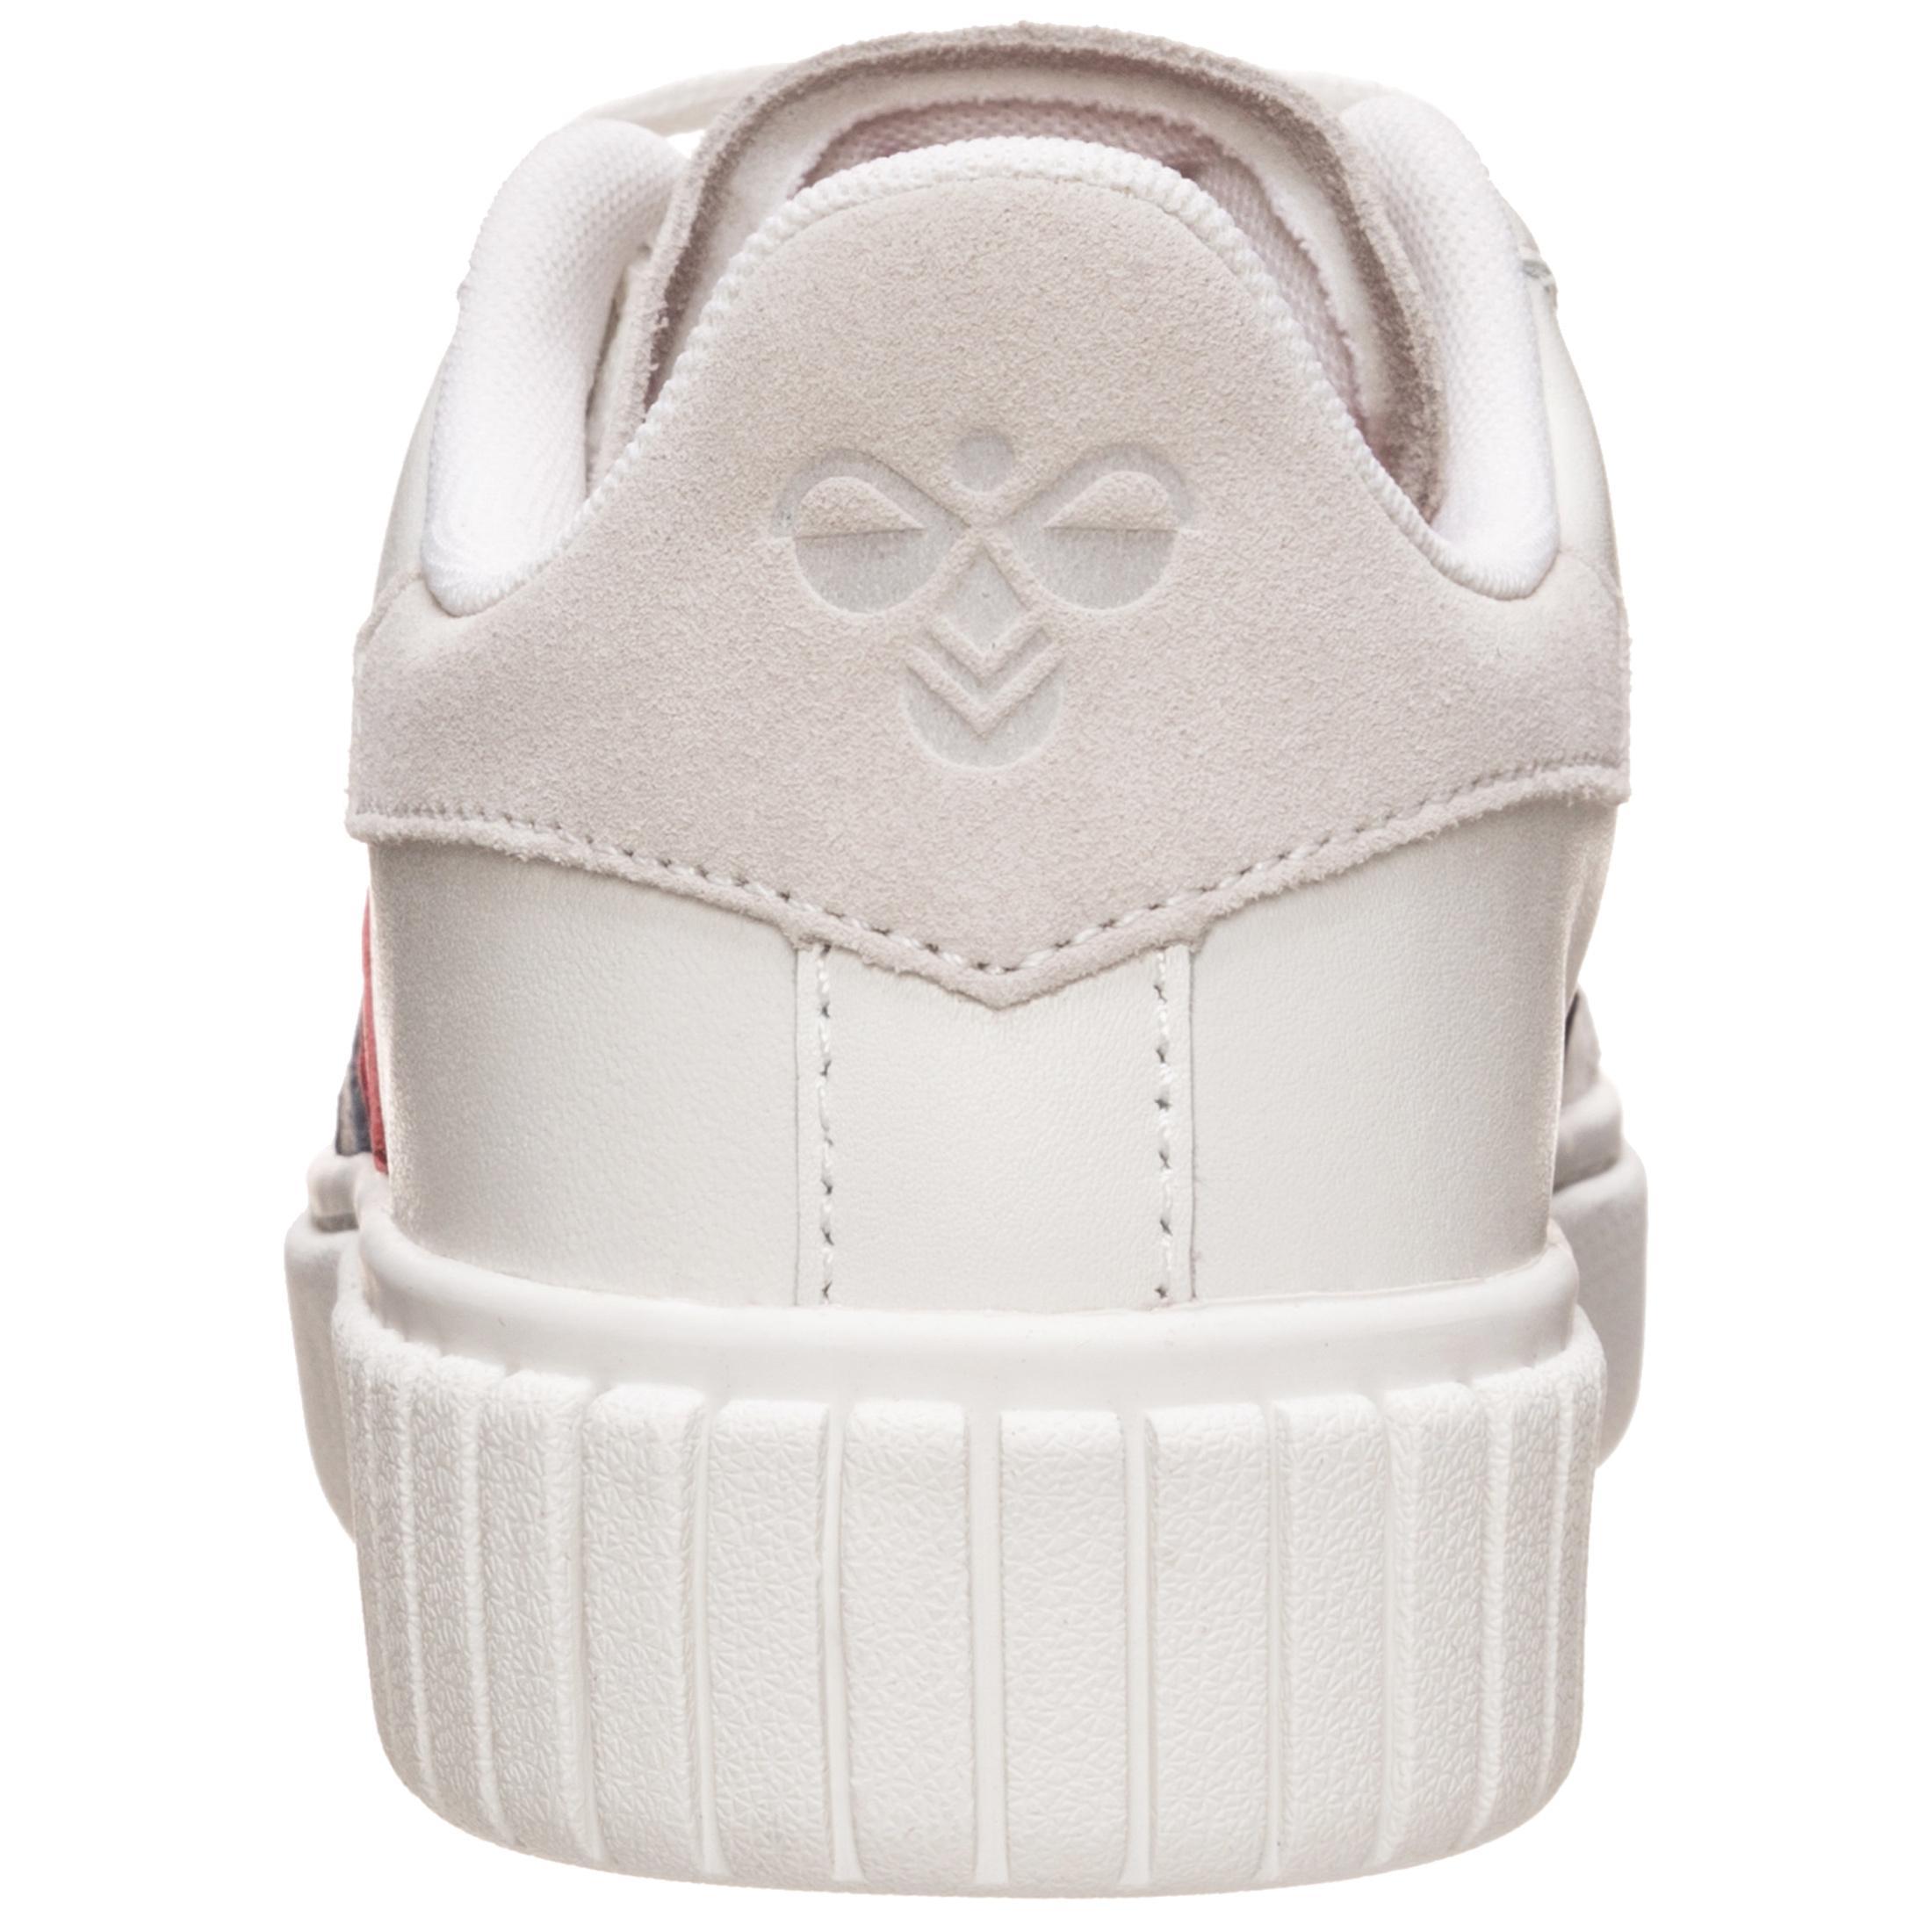 Hummel Sneaker Aarhus Classic Niedrig Sneaker Hummel Damen weiß / blau / rot im Online Shop von SportScheck kaufen Gute Qualität beliebte Schuhe 735a40